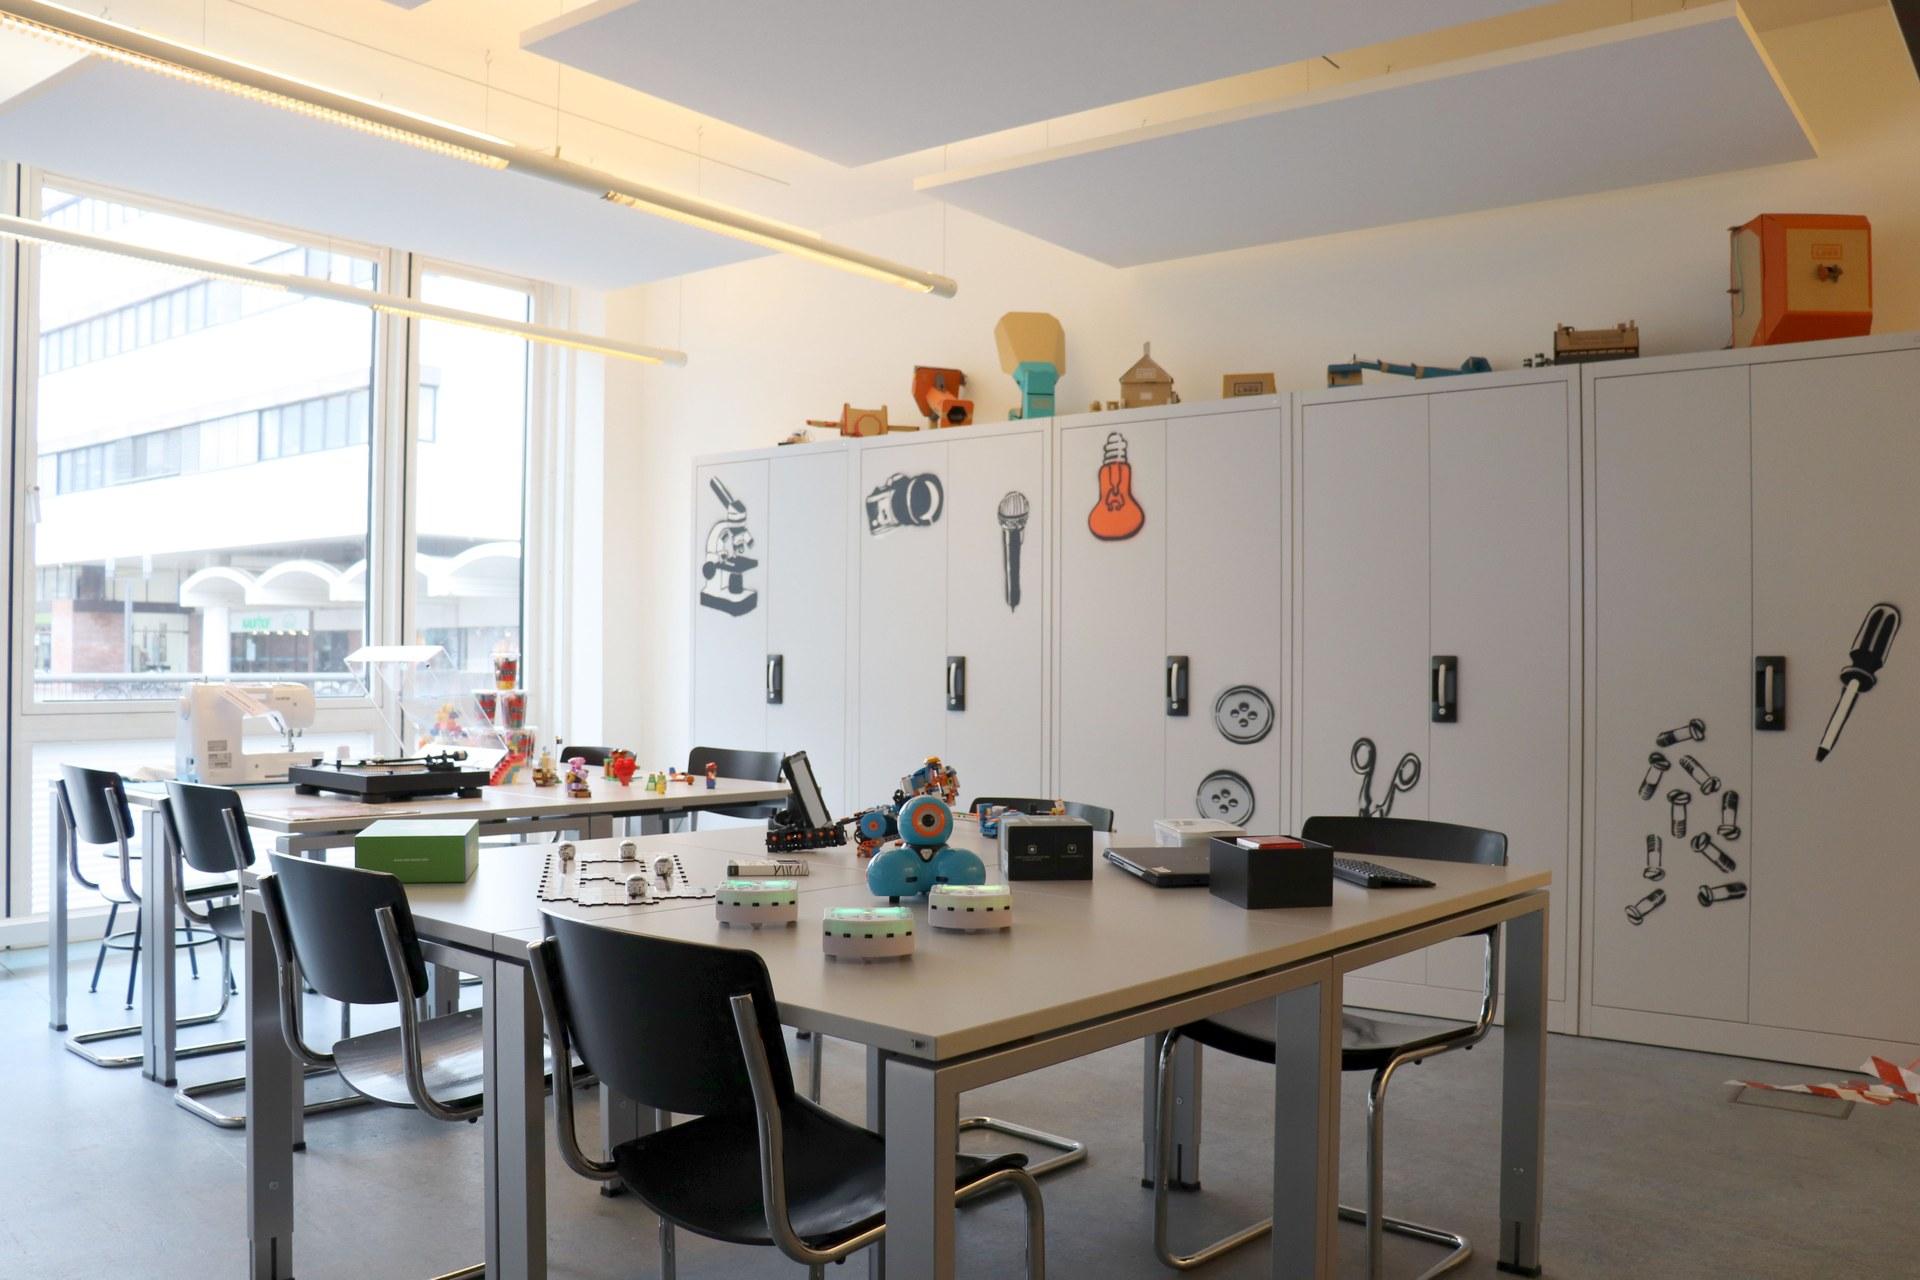 Makerspace - Kreativ werden in der Stadtbibliothek 01_Foto Claudia Ehrentraut.jpg